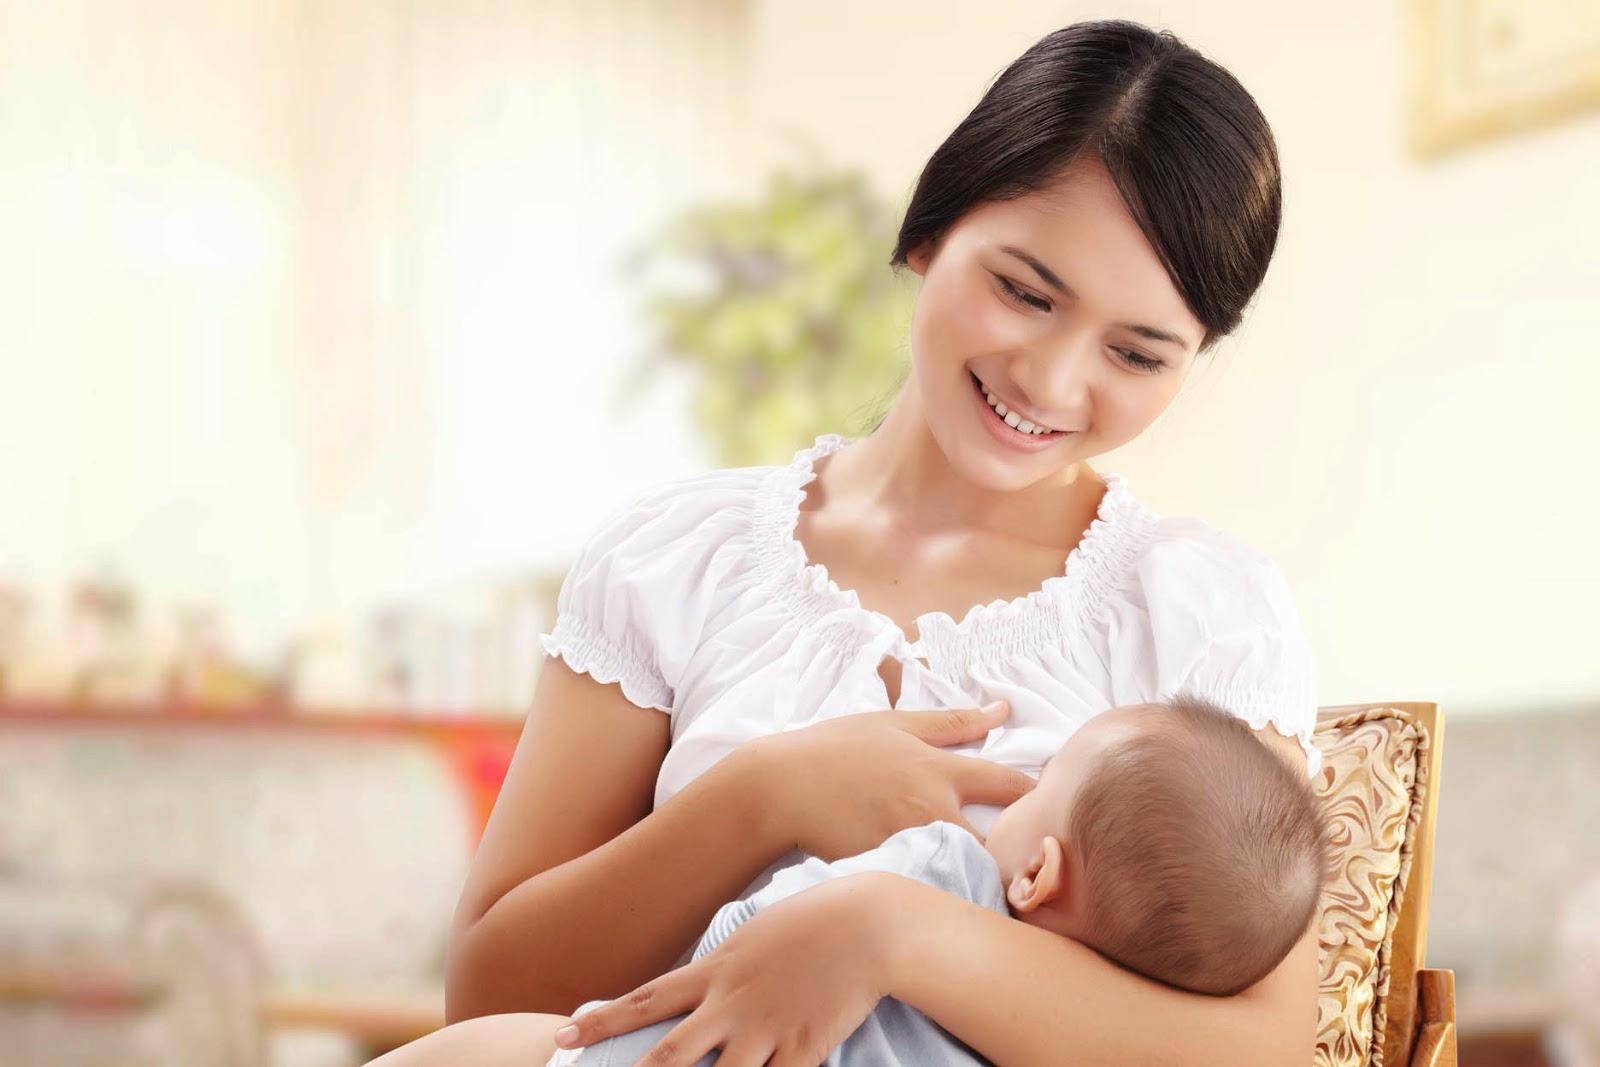 Lợi ích sữa mẹ – Nguy cơ khi sử dụng sữa công thức, bình bú